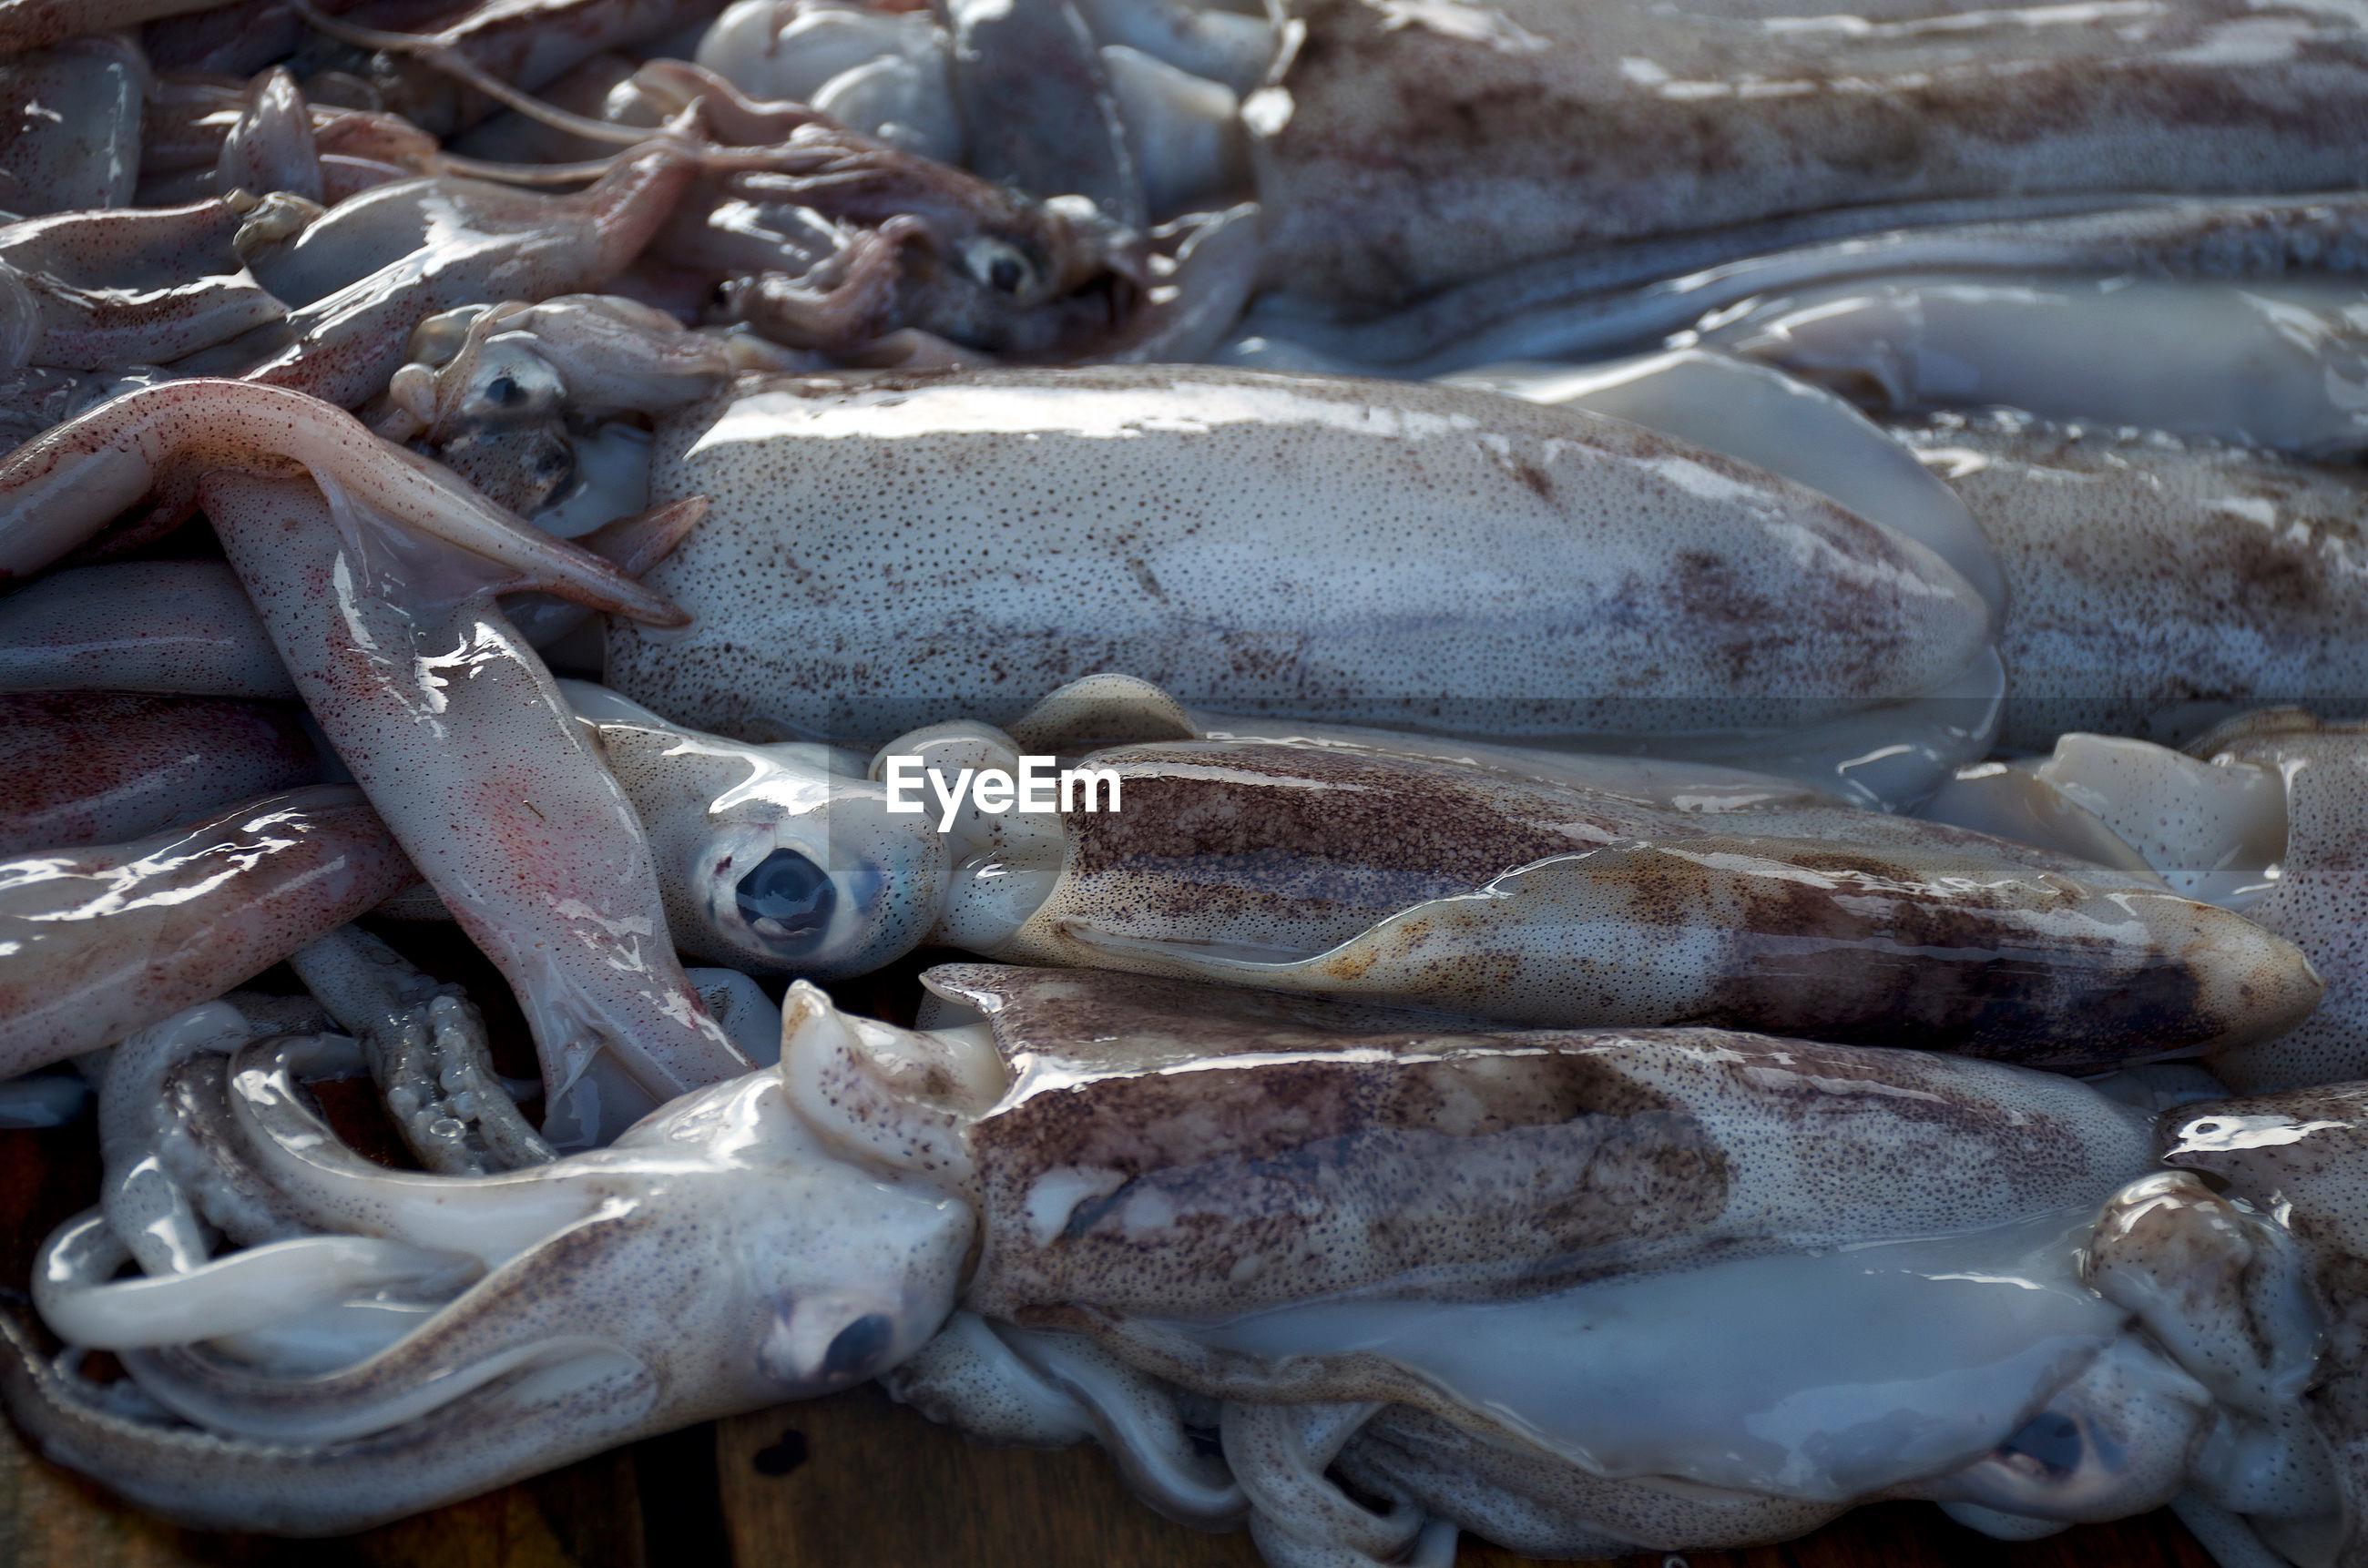 HIGH ANGLE VIEW OF FISH ON METAL